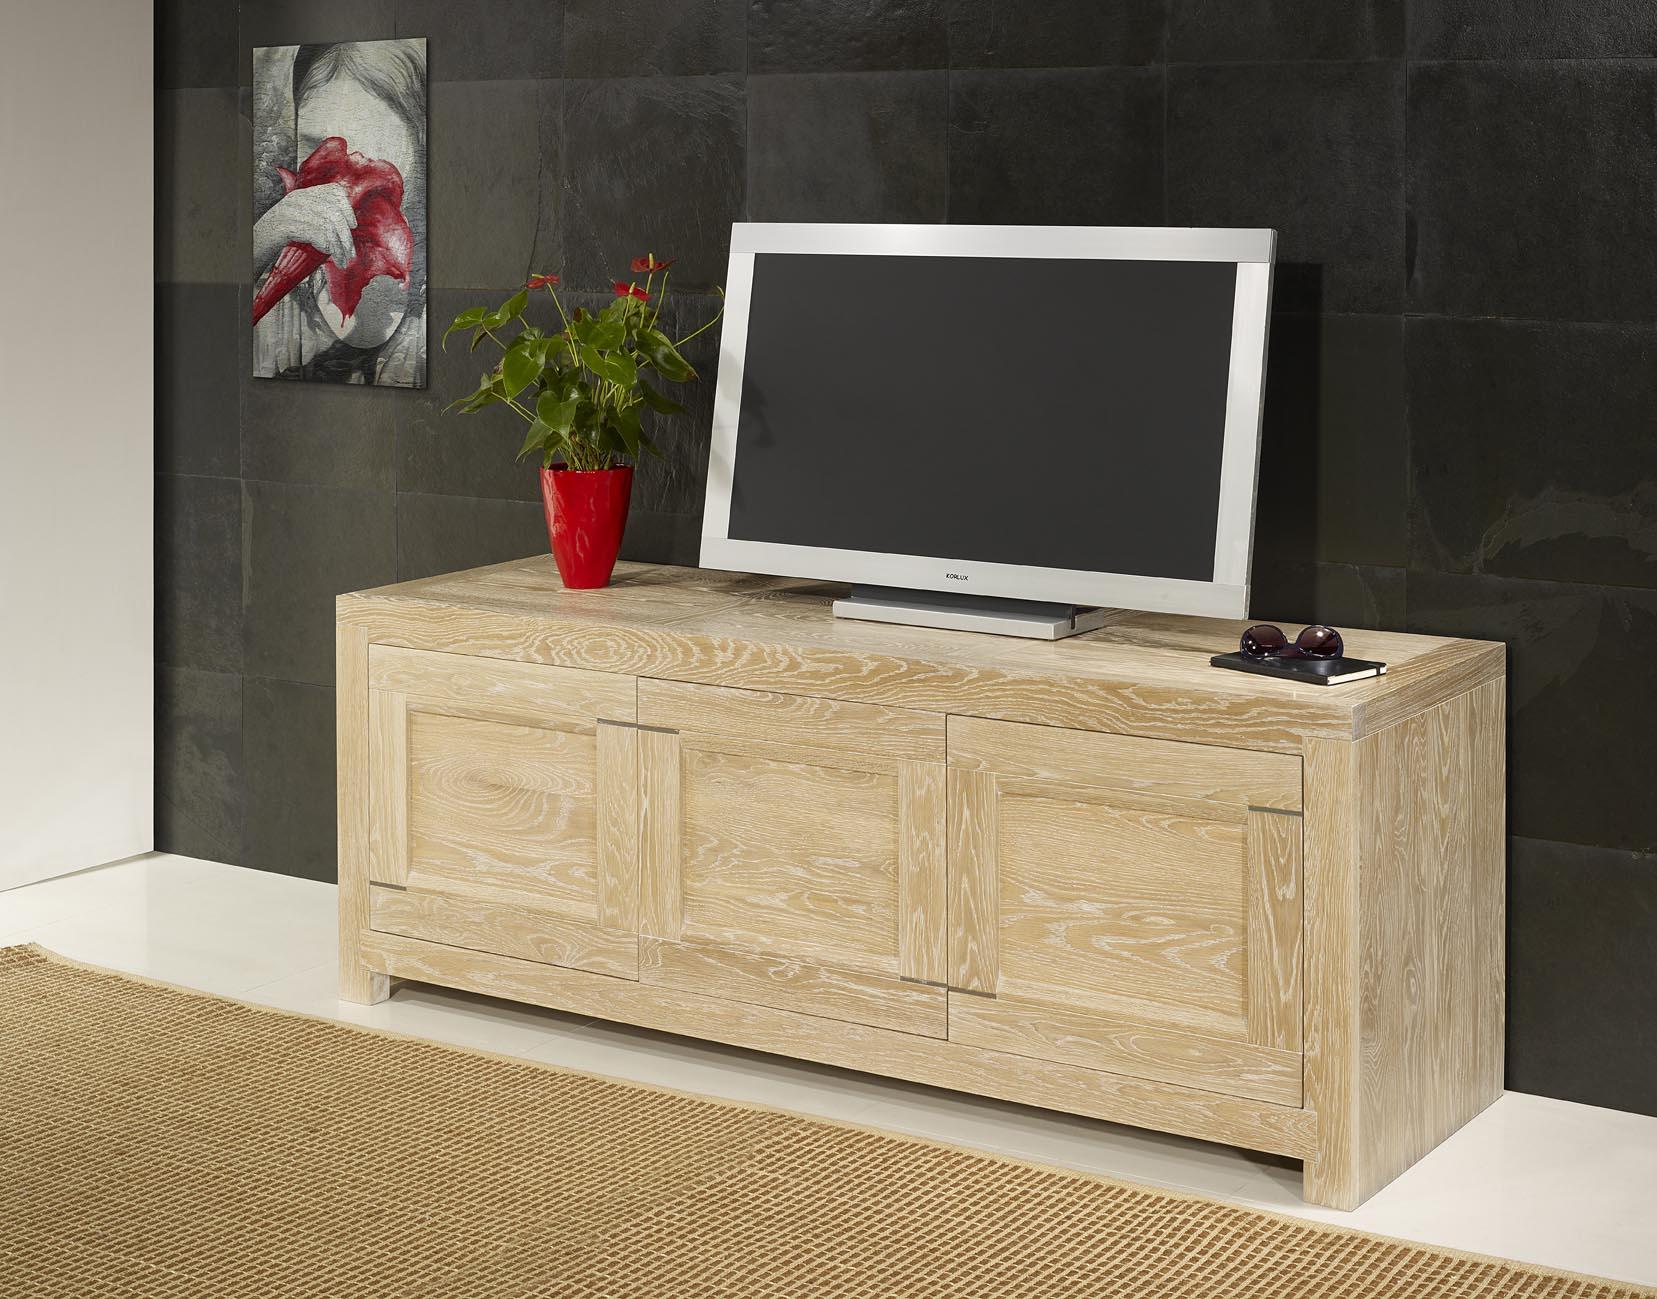 Meuble Tv H 70 Maison Et Mobilier D Int Rieur # Meuble Tv H Et H